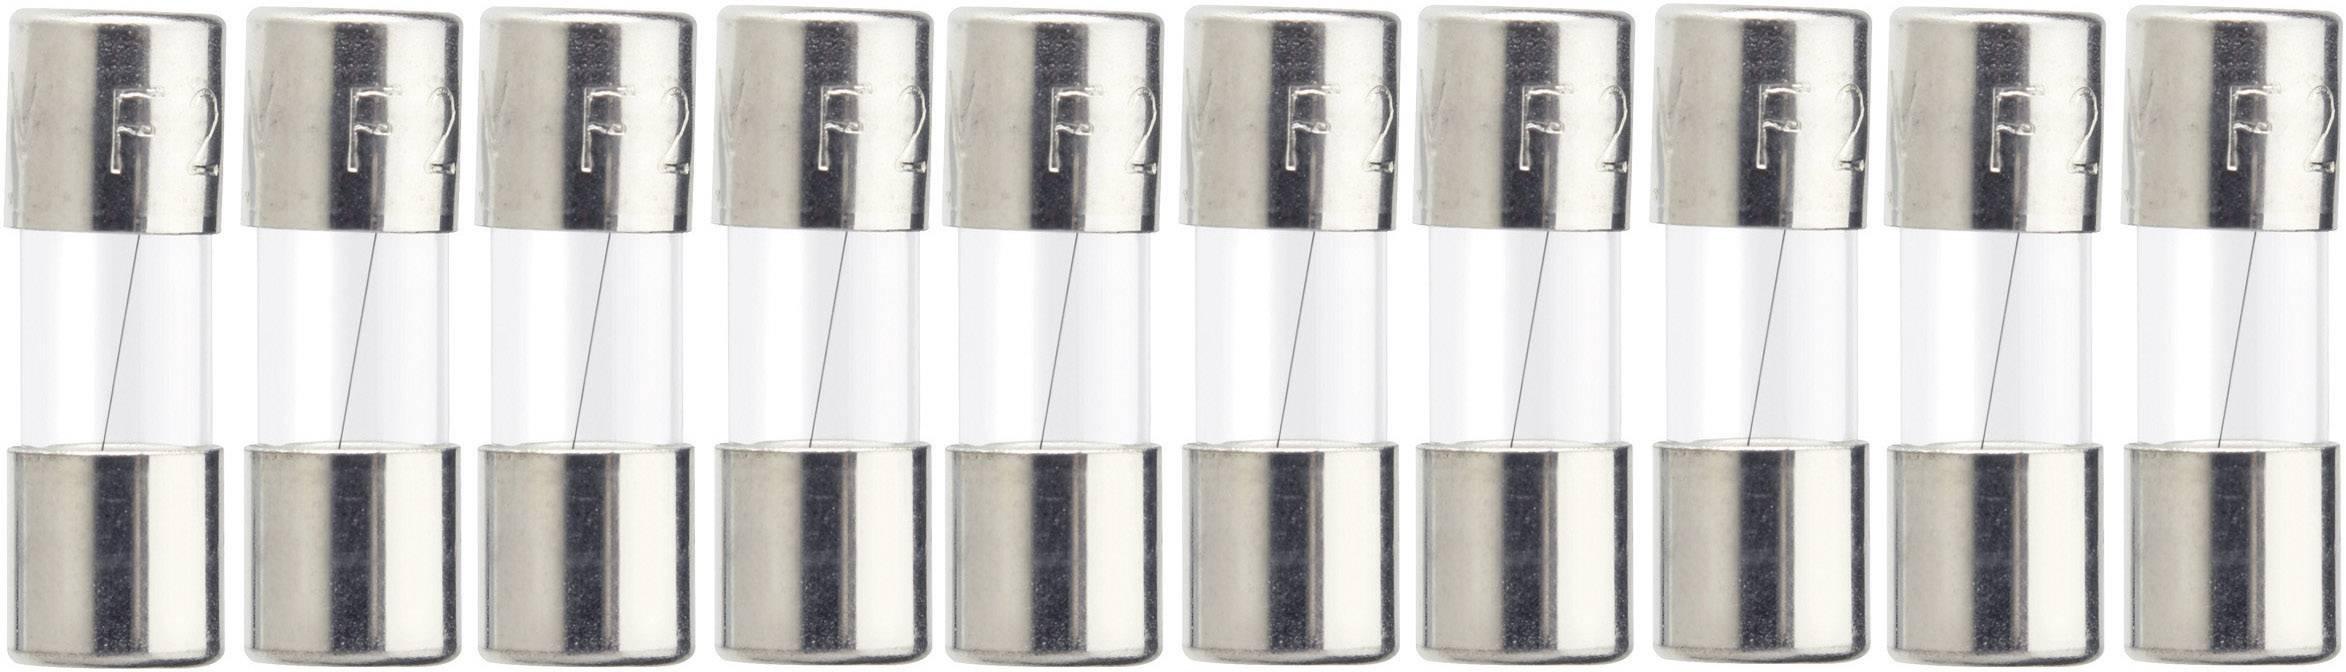 Jemná poistka ESKA 515659, 1.5 A, 250 V, (Ø x d) 5 mm x 15 mm, rýchly -F-, 10 ks